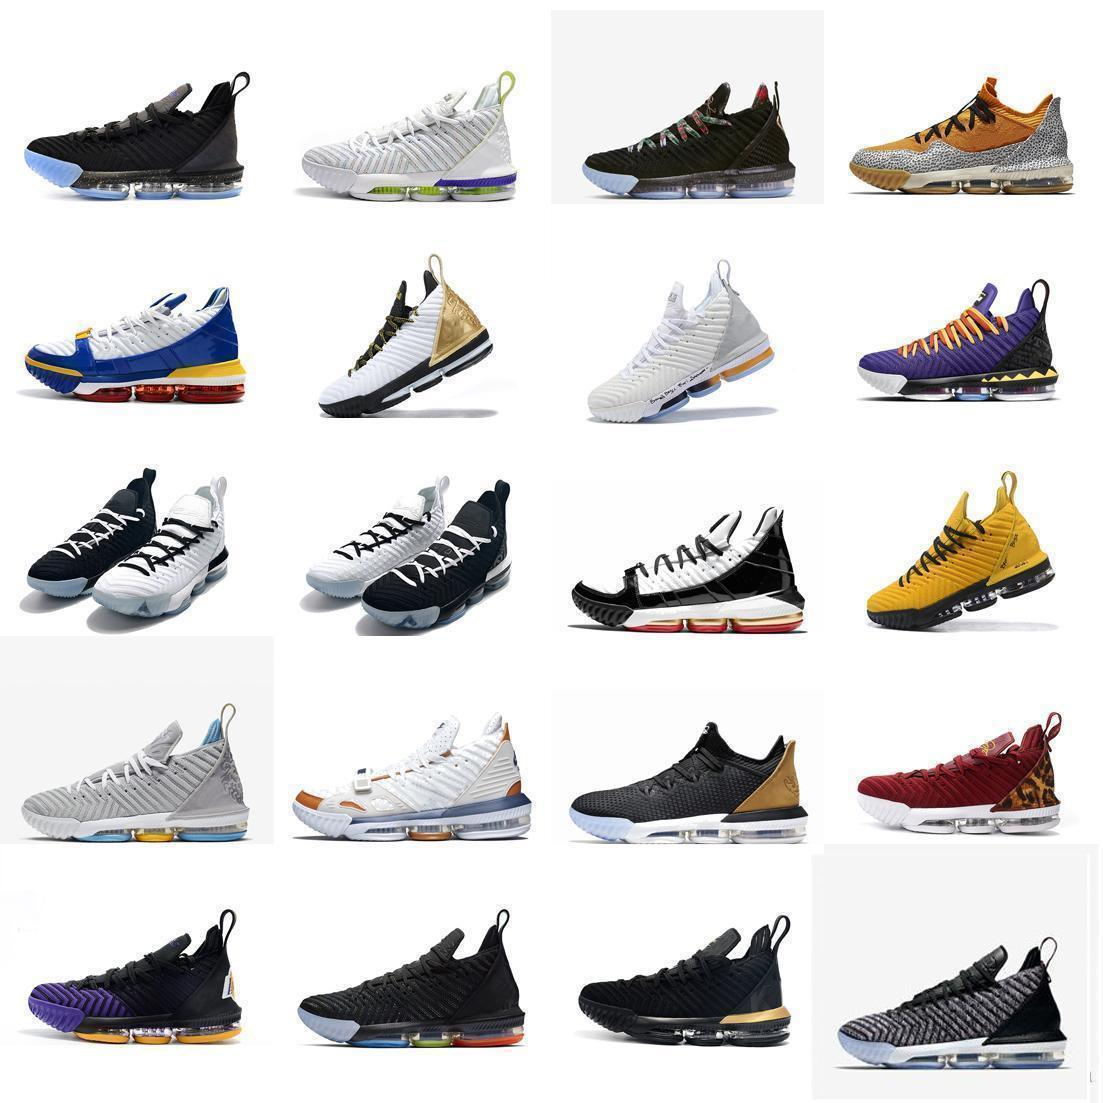 Womens Lebron 16 Basketball Shoes